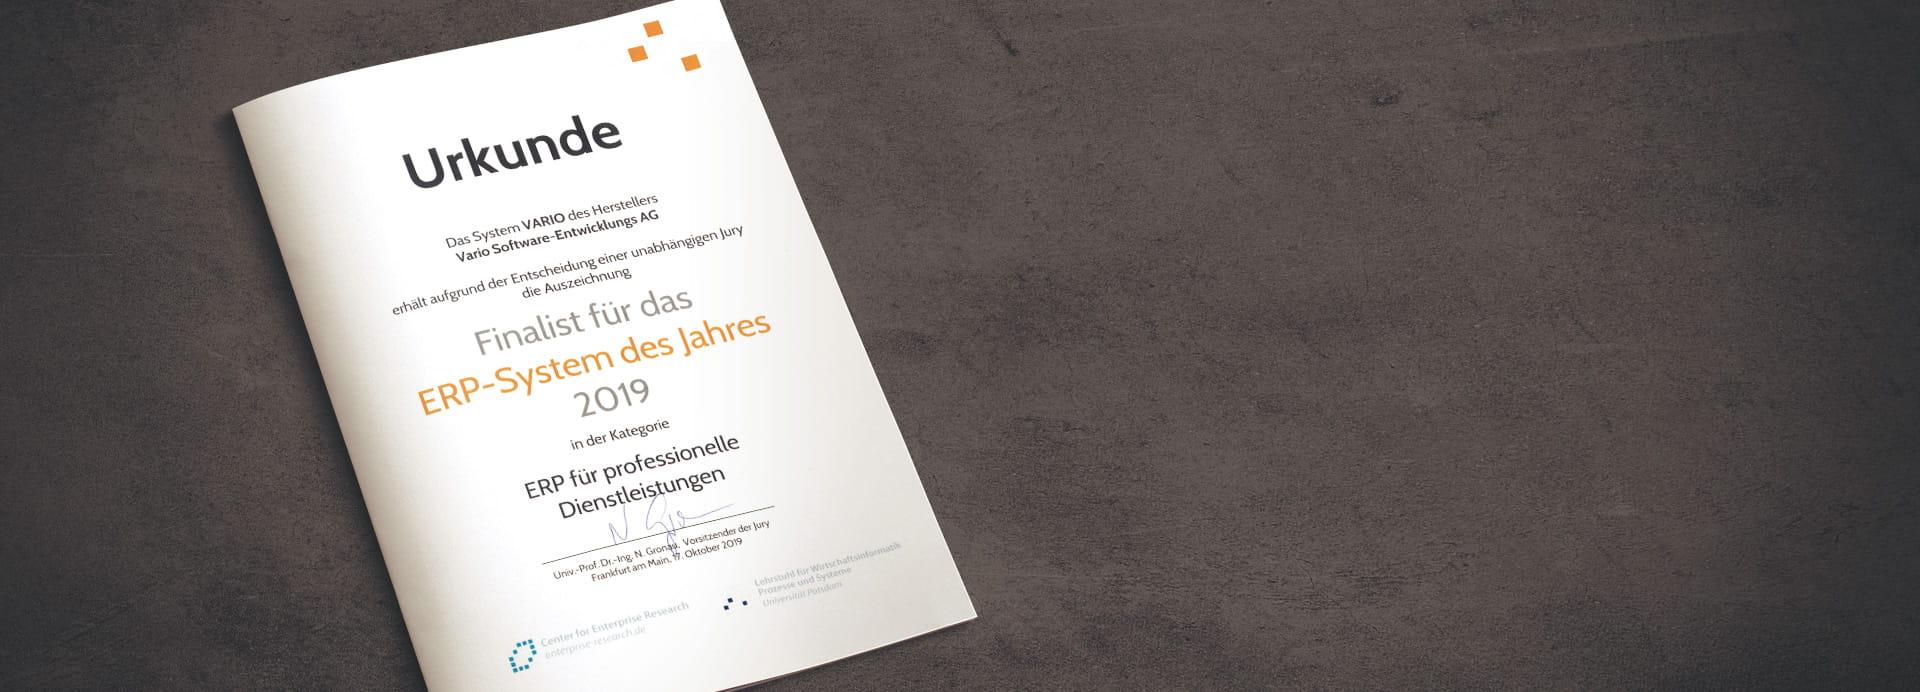 Urkunde Finalist ERP des Jahres 2019